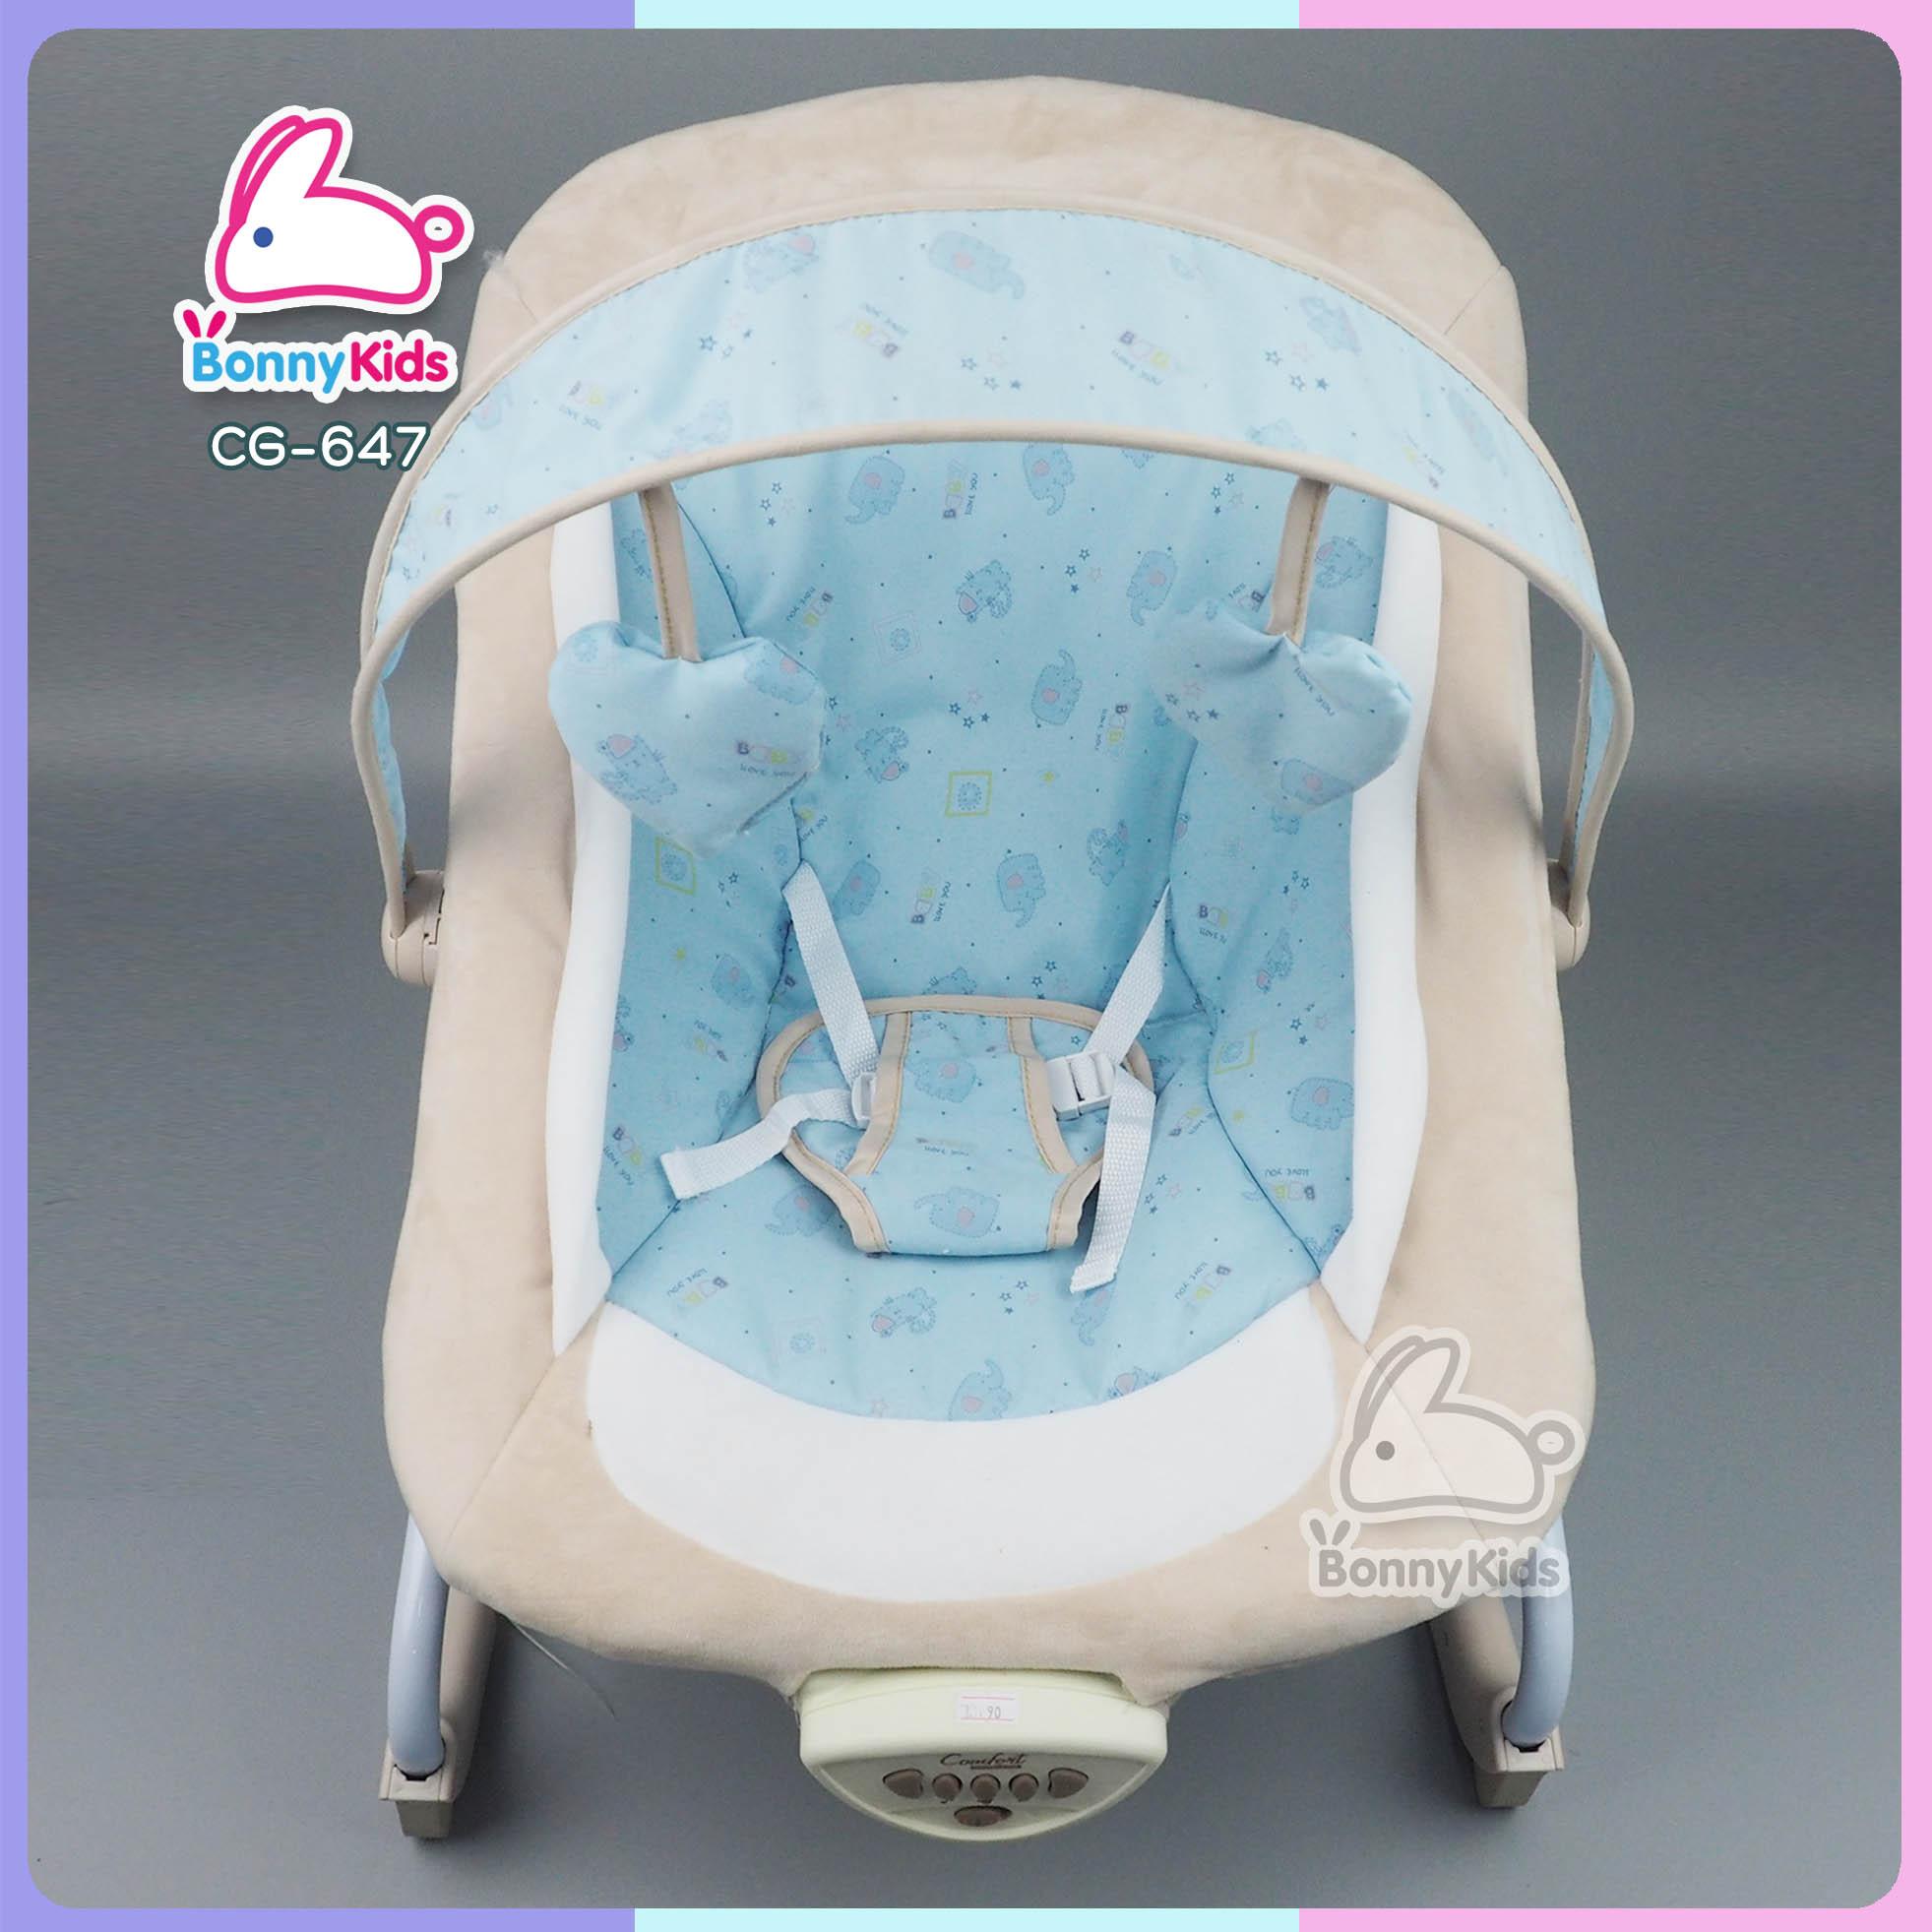 เปลโยกเด็ก เปลโยกเก้าอี้เบบี้น้อยผ้านุ่ม ระบบเสียงและสั่นได้